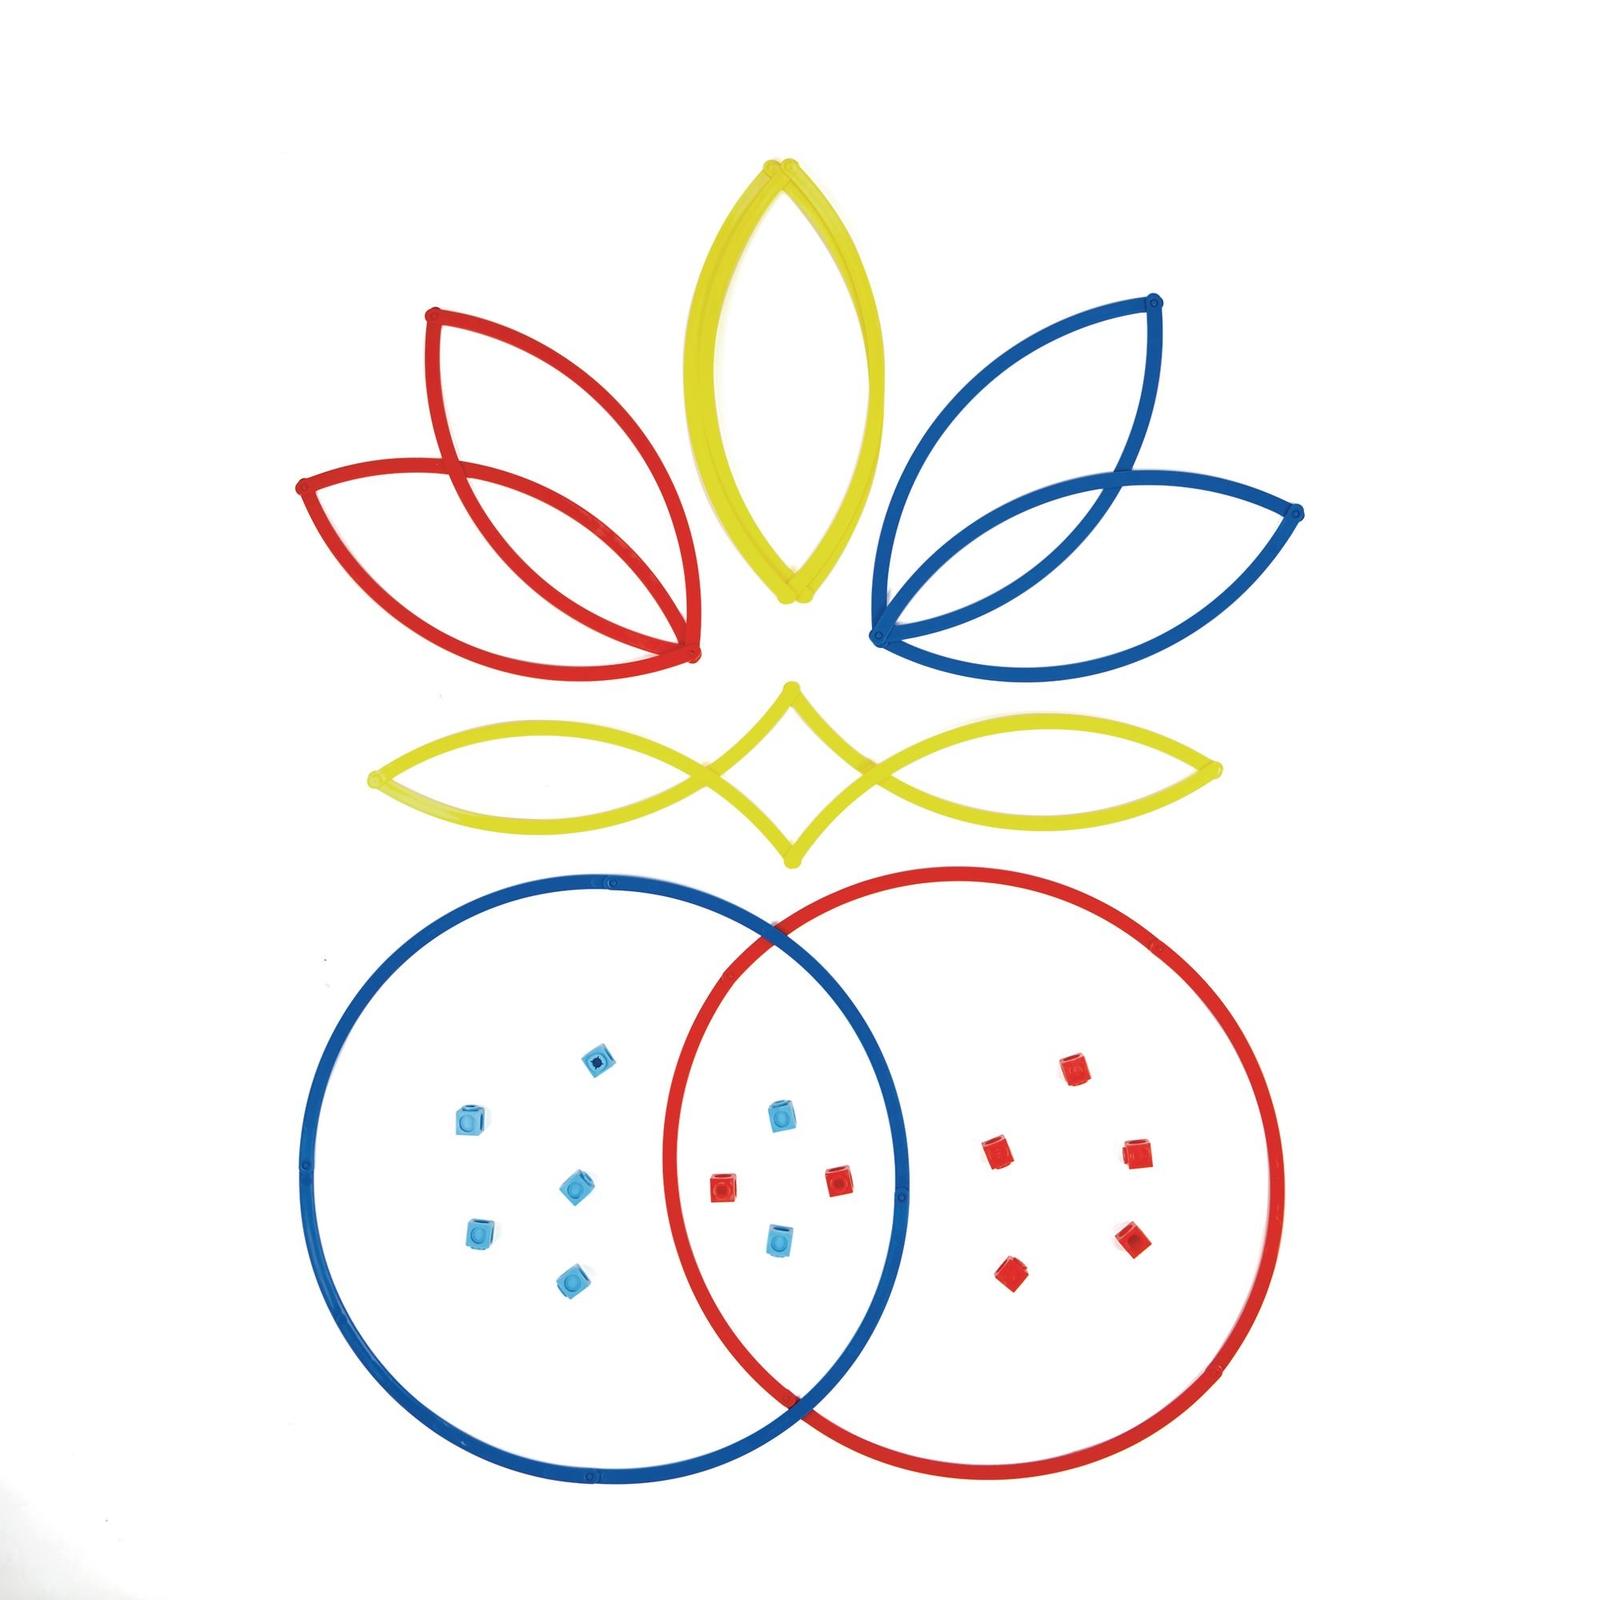 Sorting Rings Pack 6 Hope Education 3 Circle Venn Diagram Logic